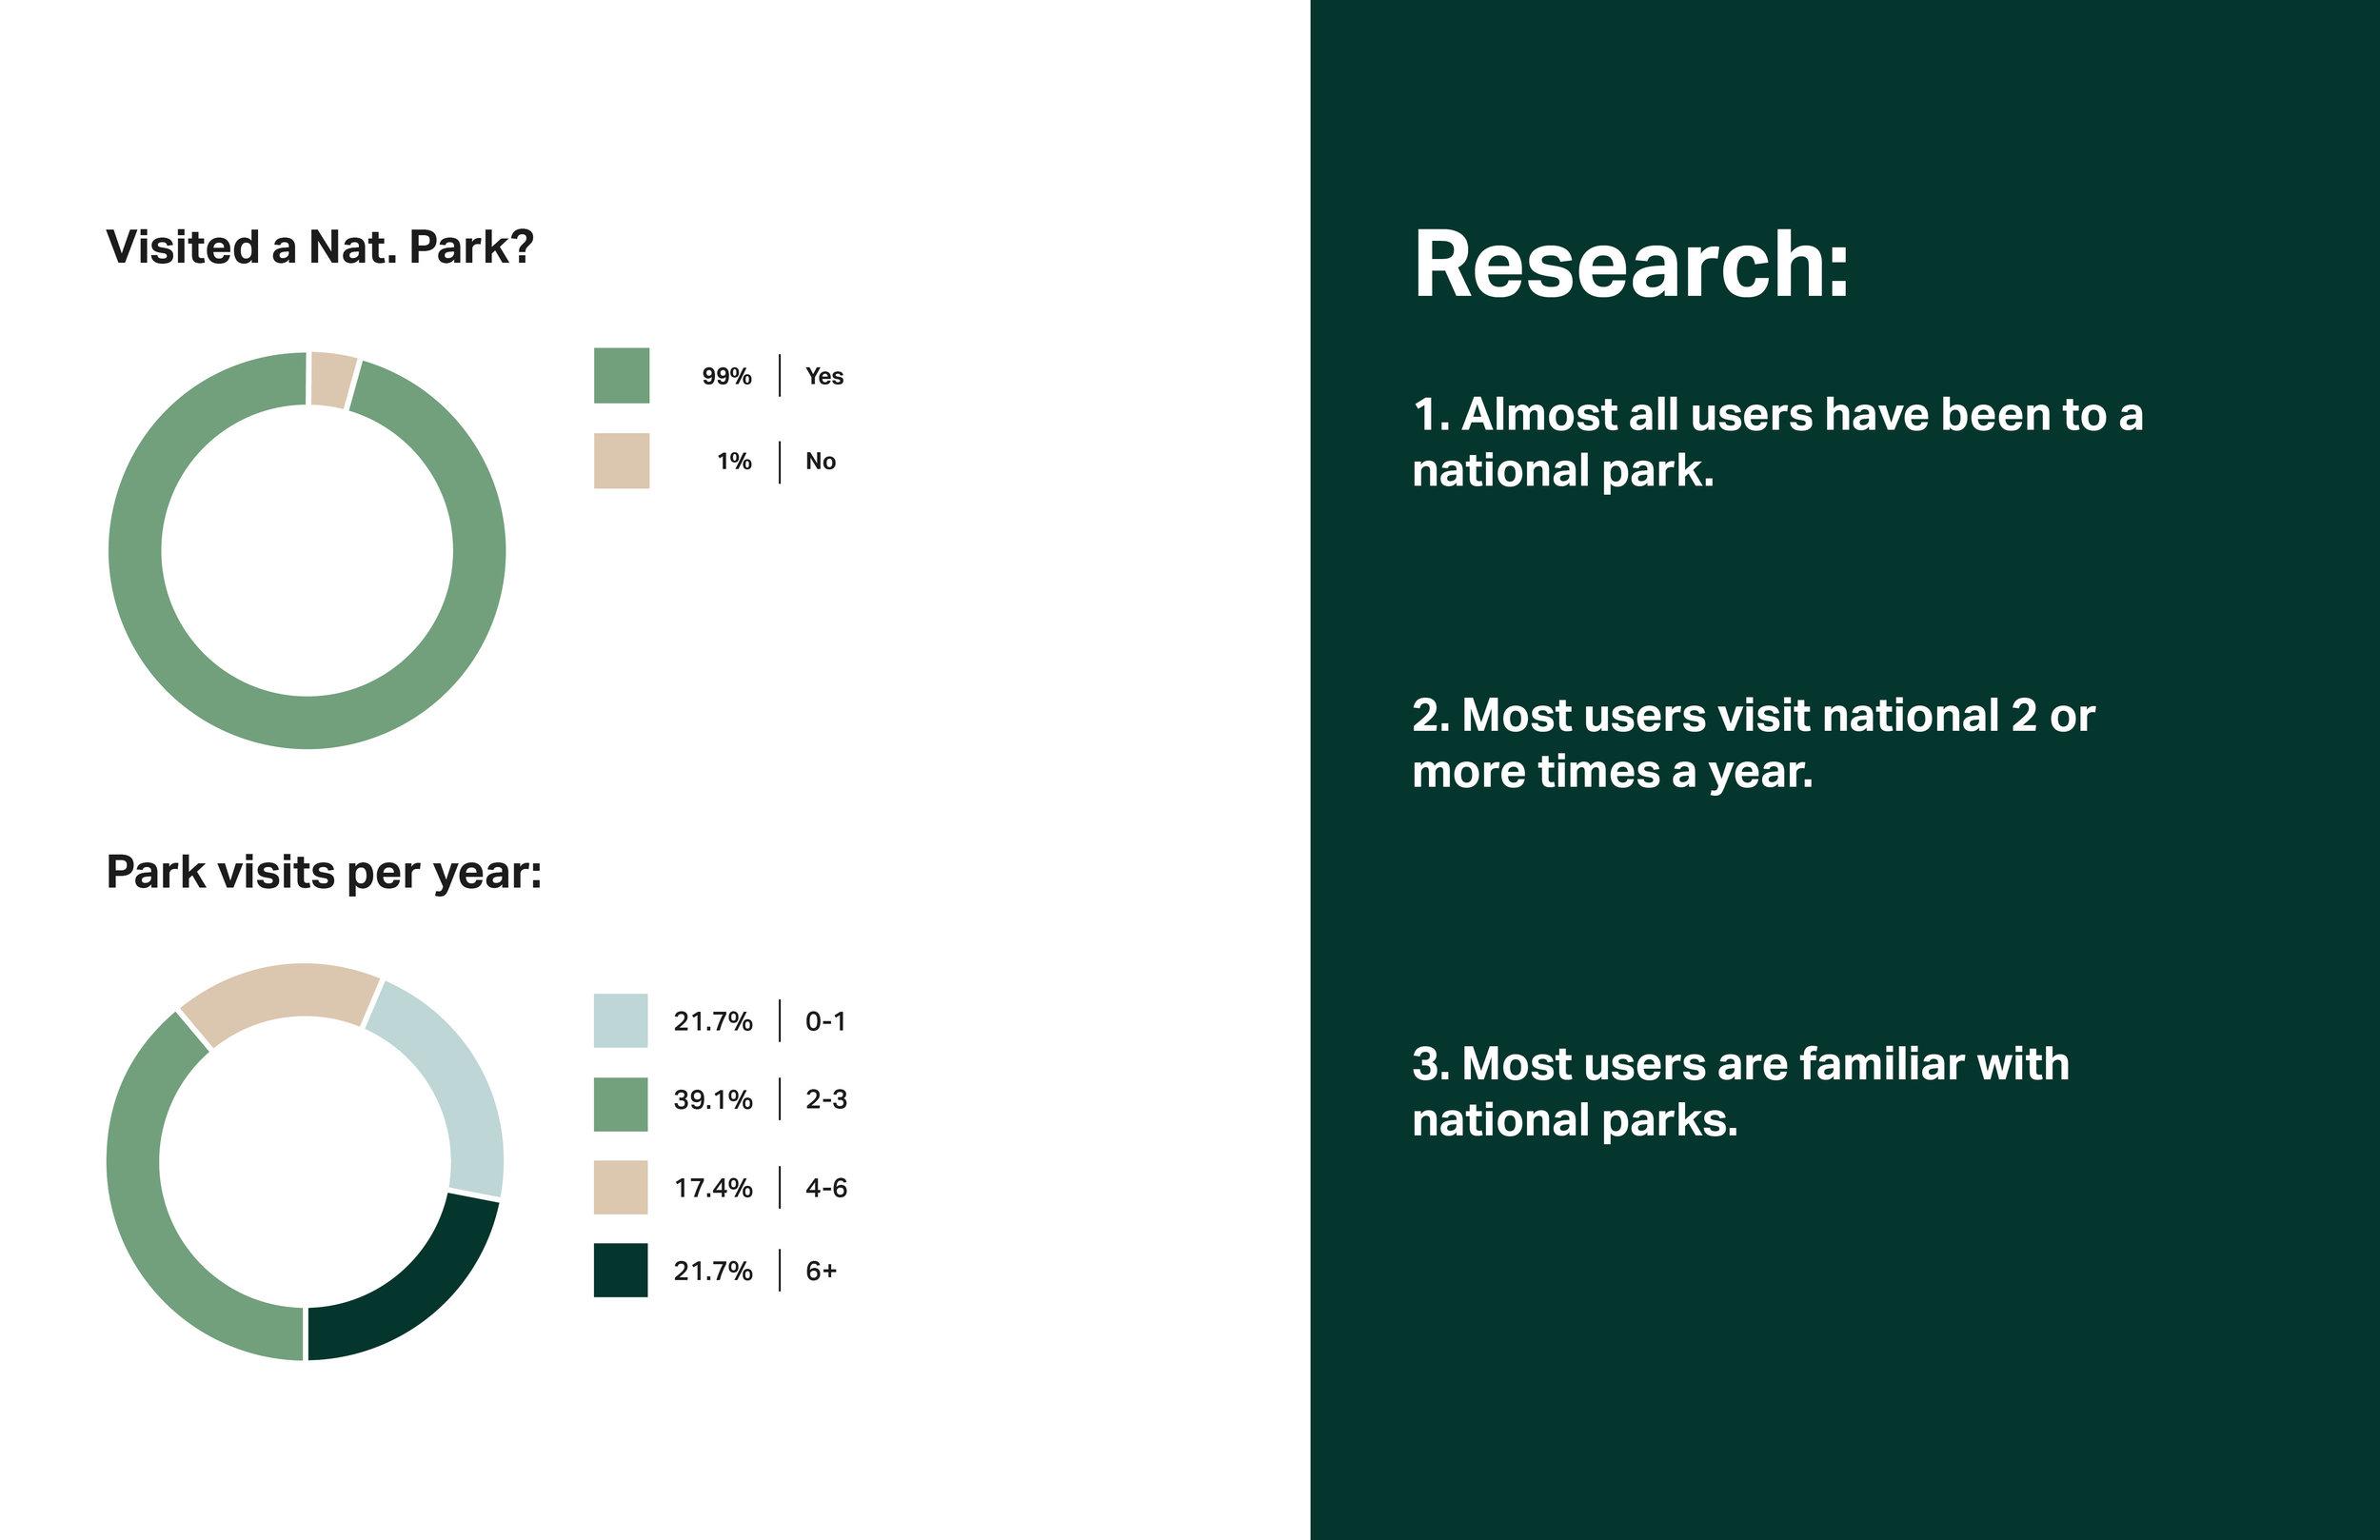 NPS_research1.jpg